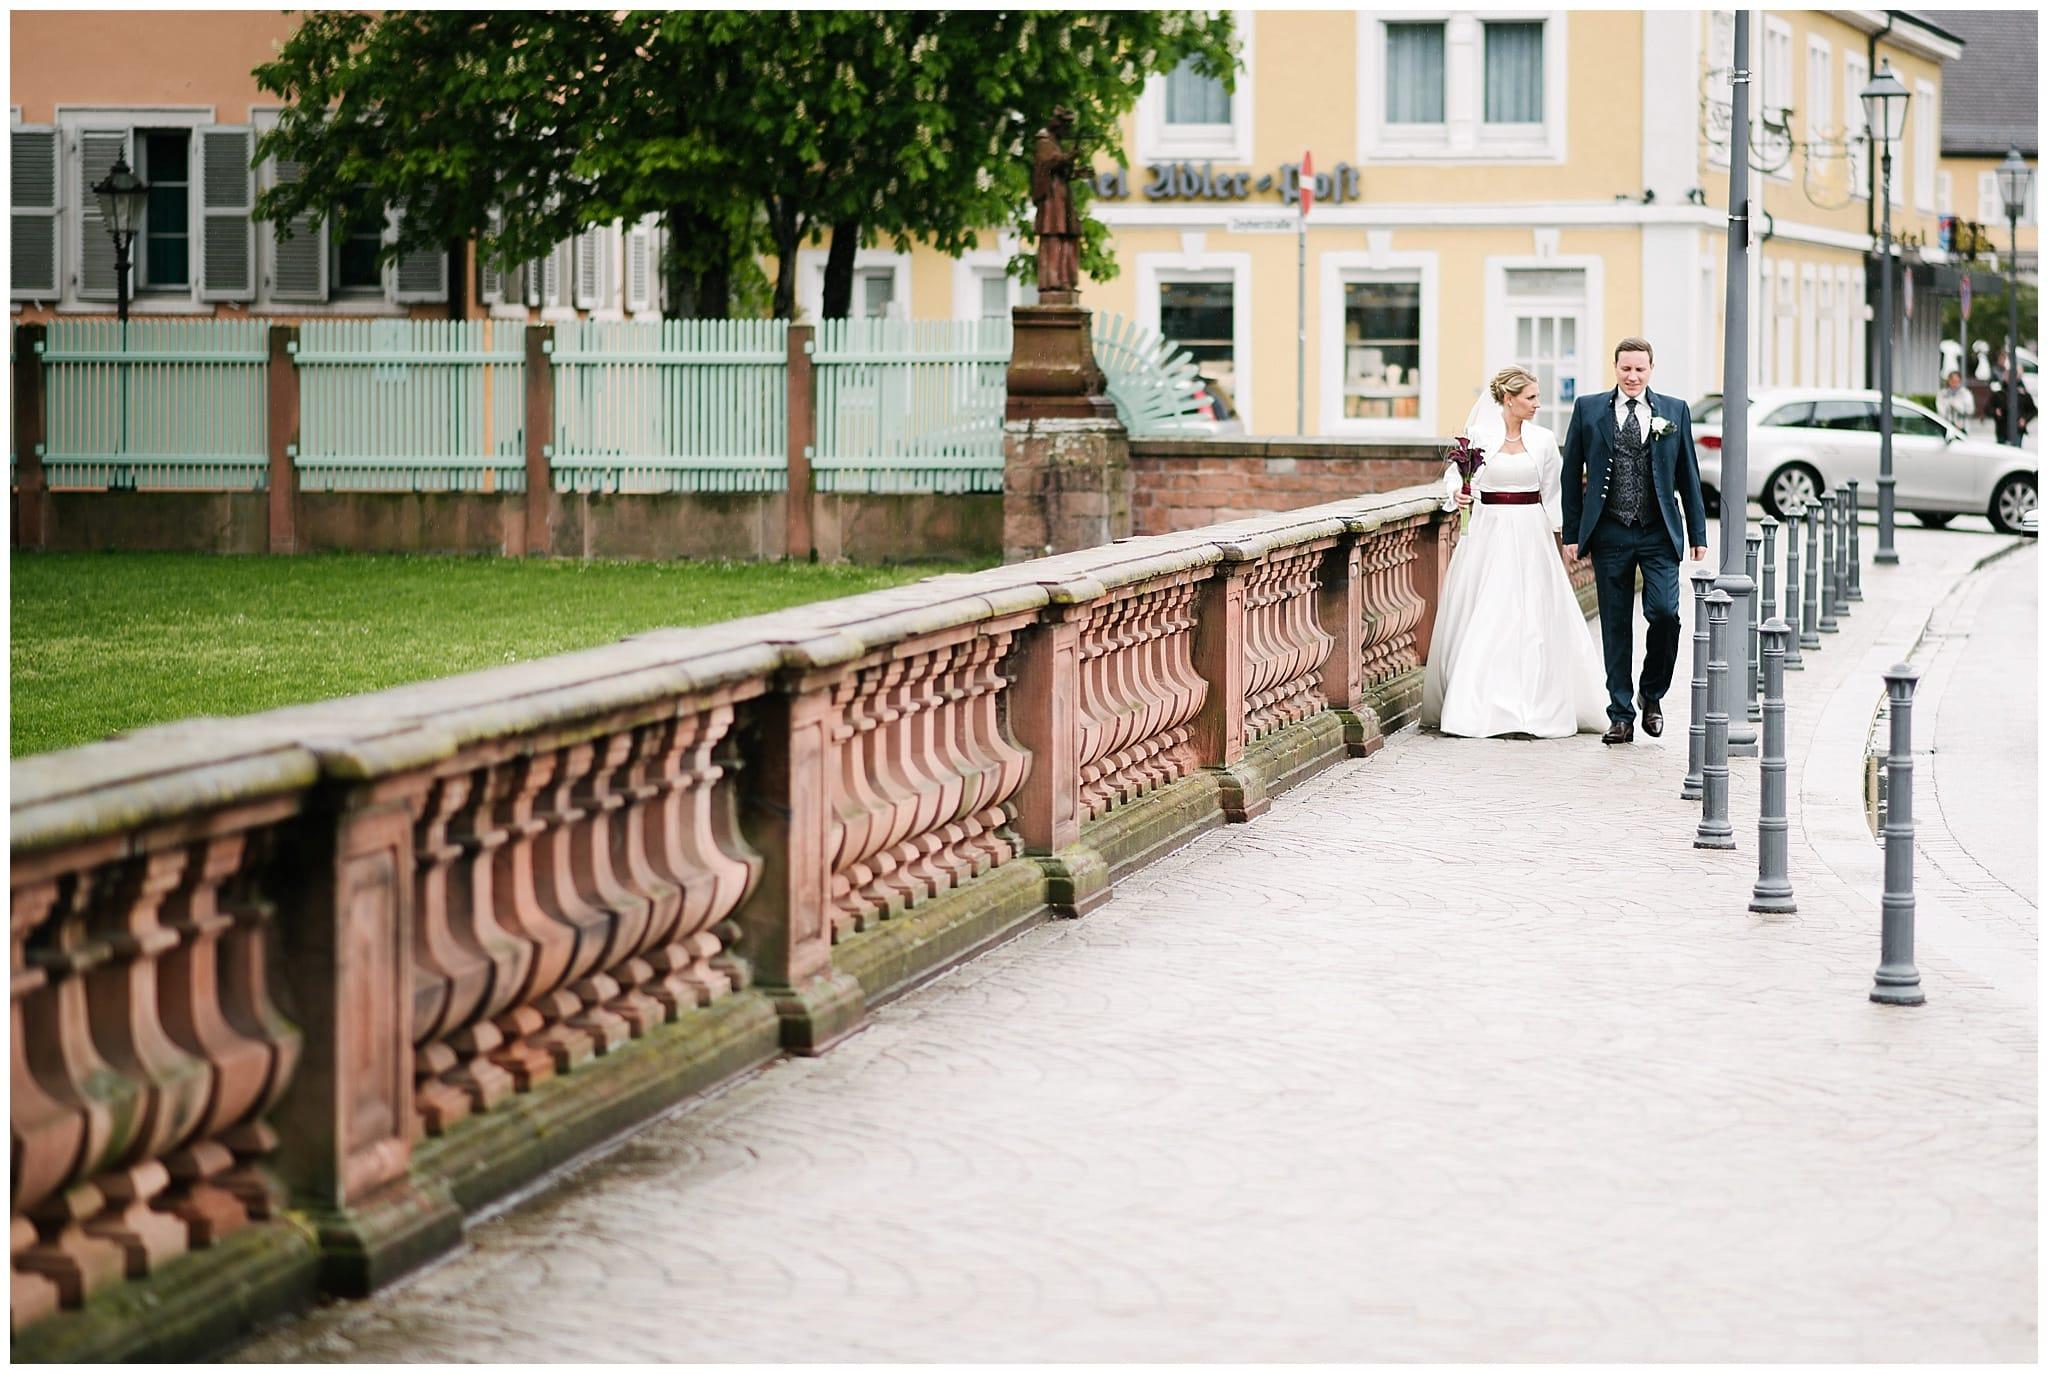 MaMa Wedding Sonja und Jens Hochzeitsfotografie Heidelberg8